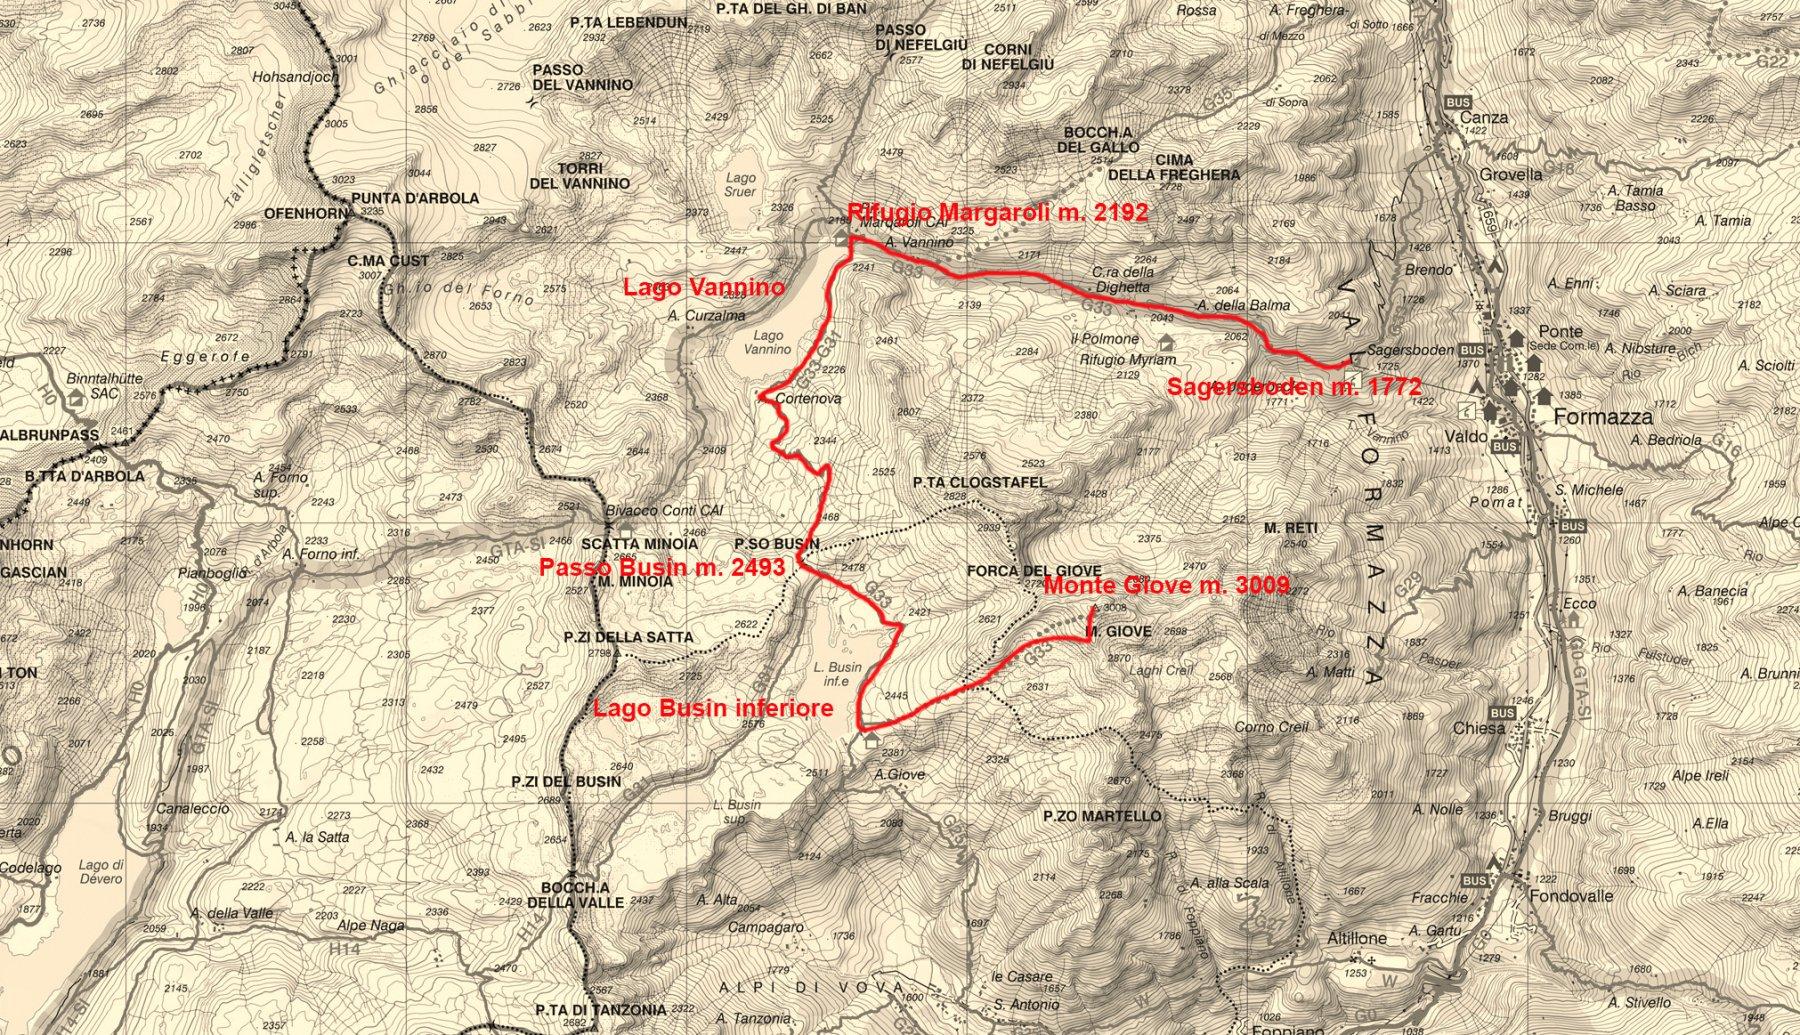 stralcio di carta topografica con l'itinerario di salita